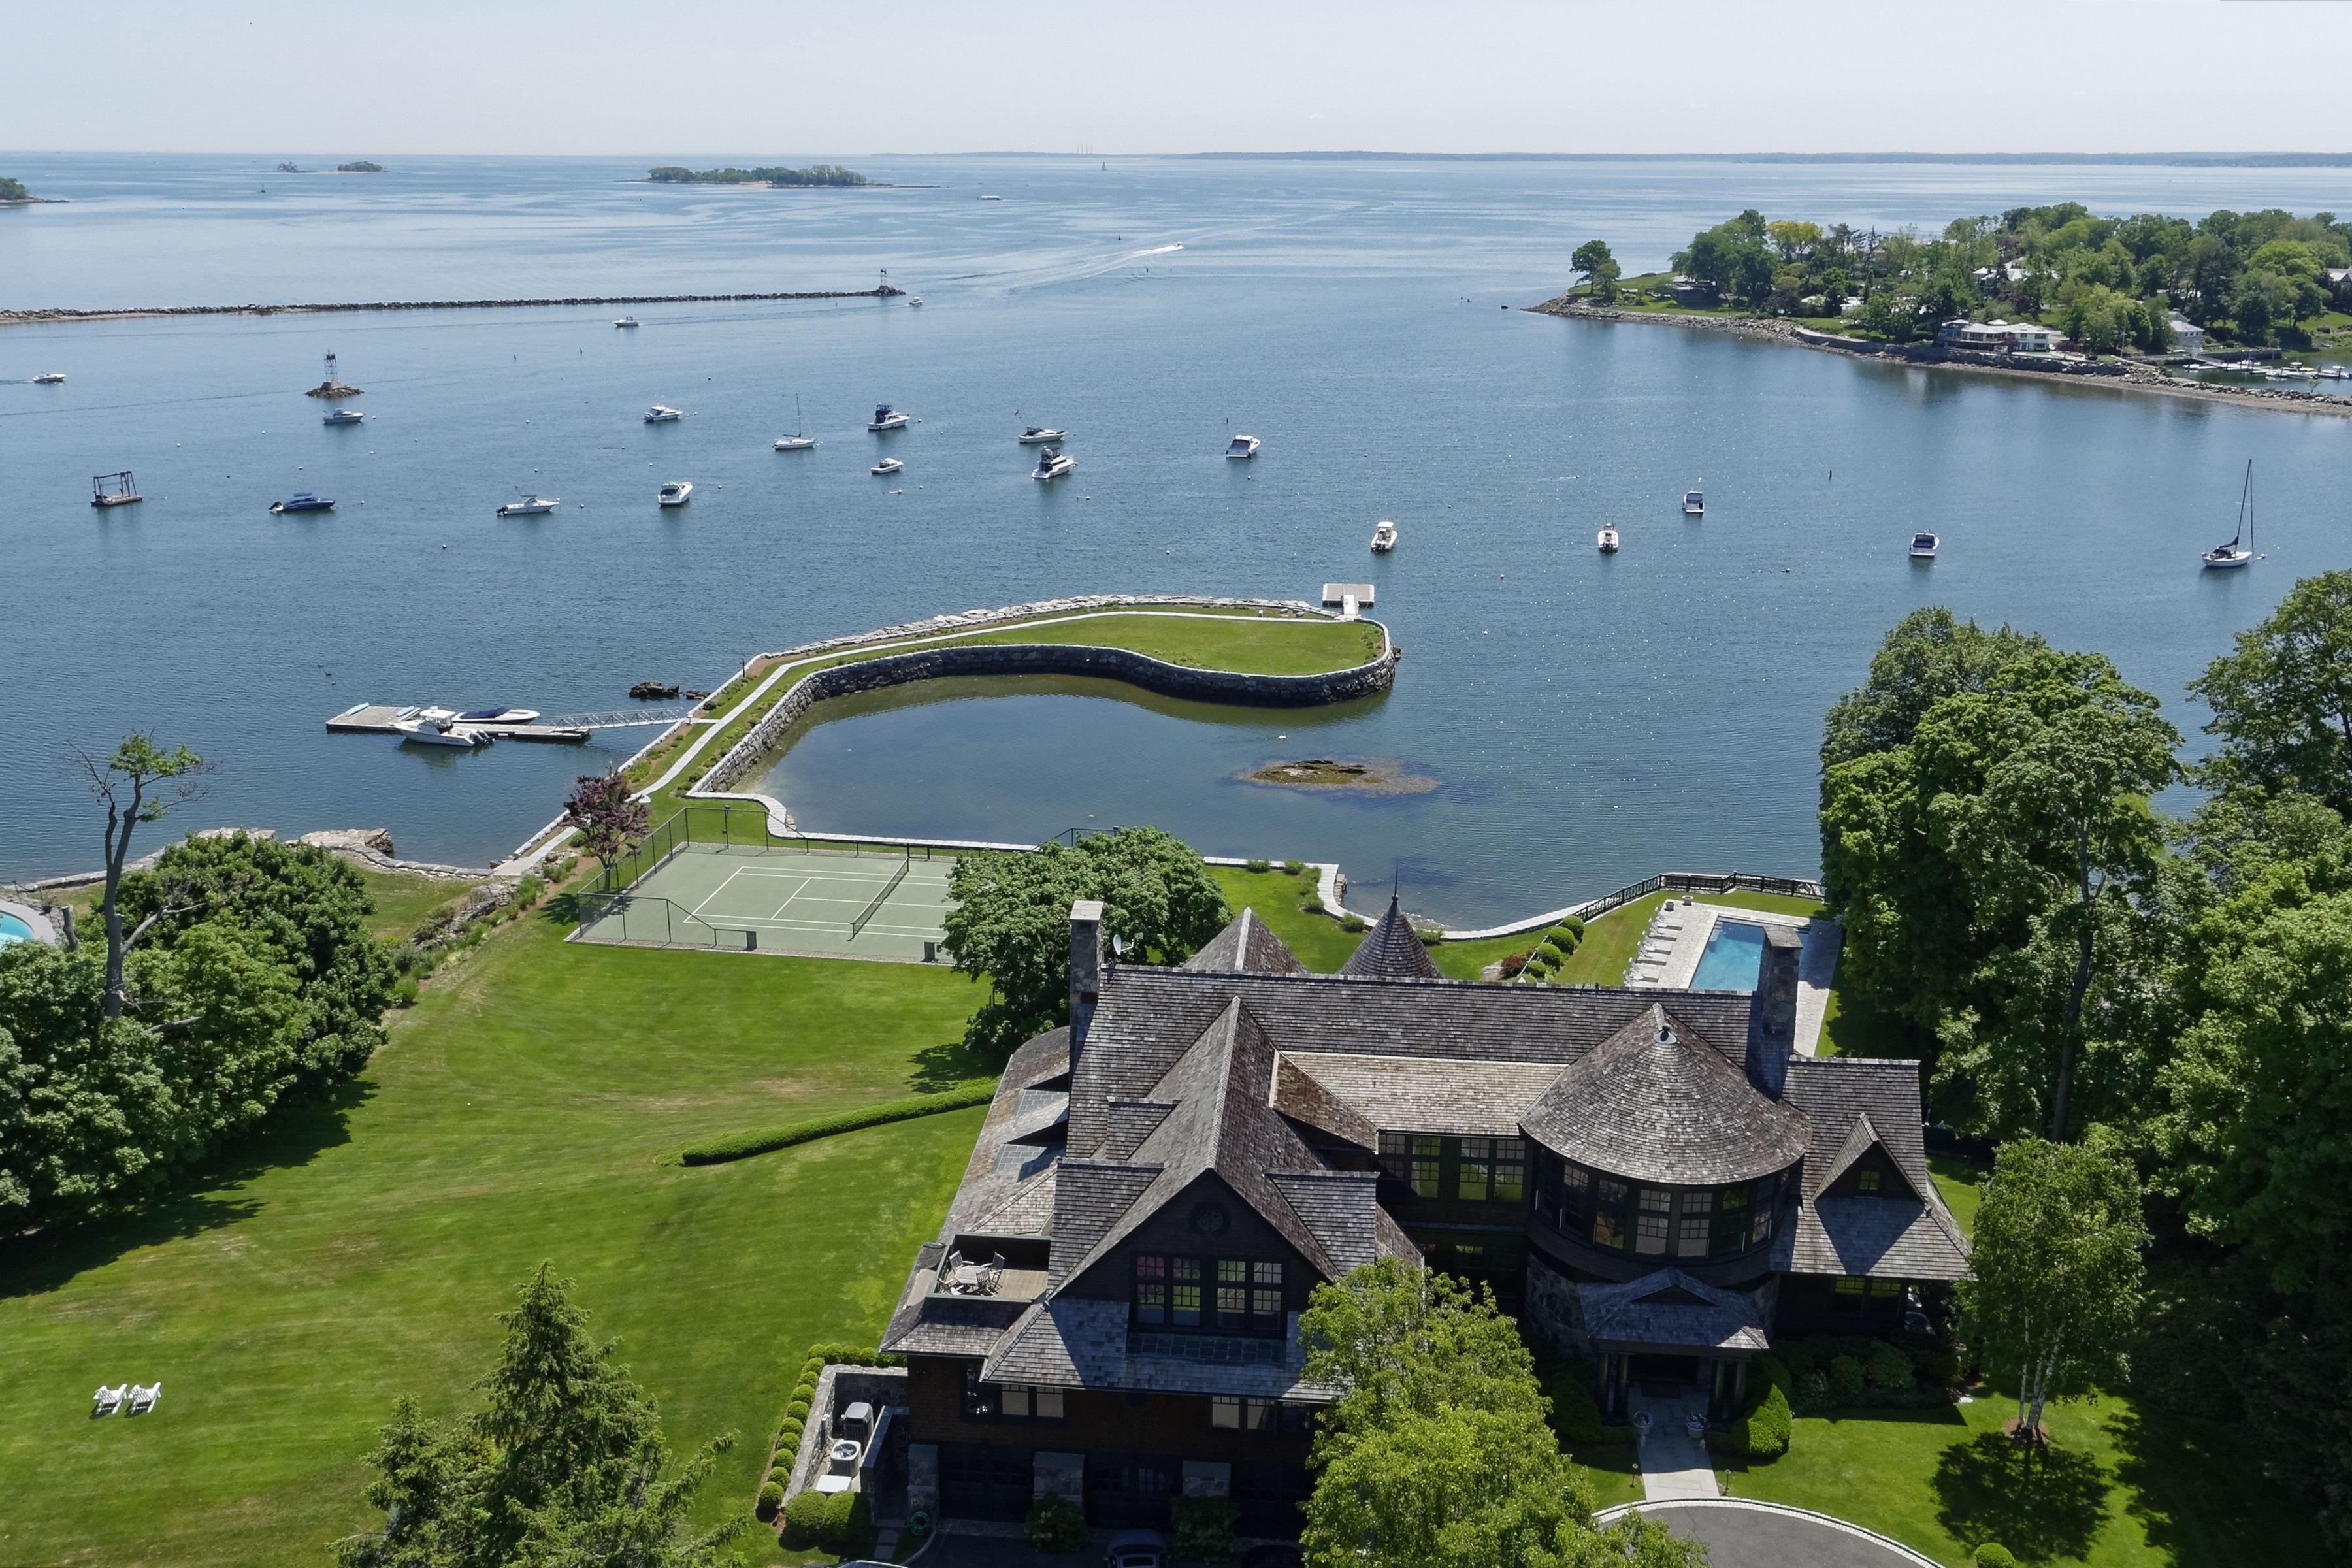 Частный односемейный дом для того Продажа на Commanding Coastal Estate Rye, Нью-Йорк 10580 Соединенные Штаты